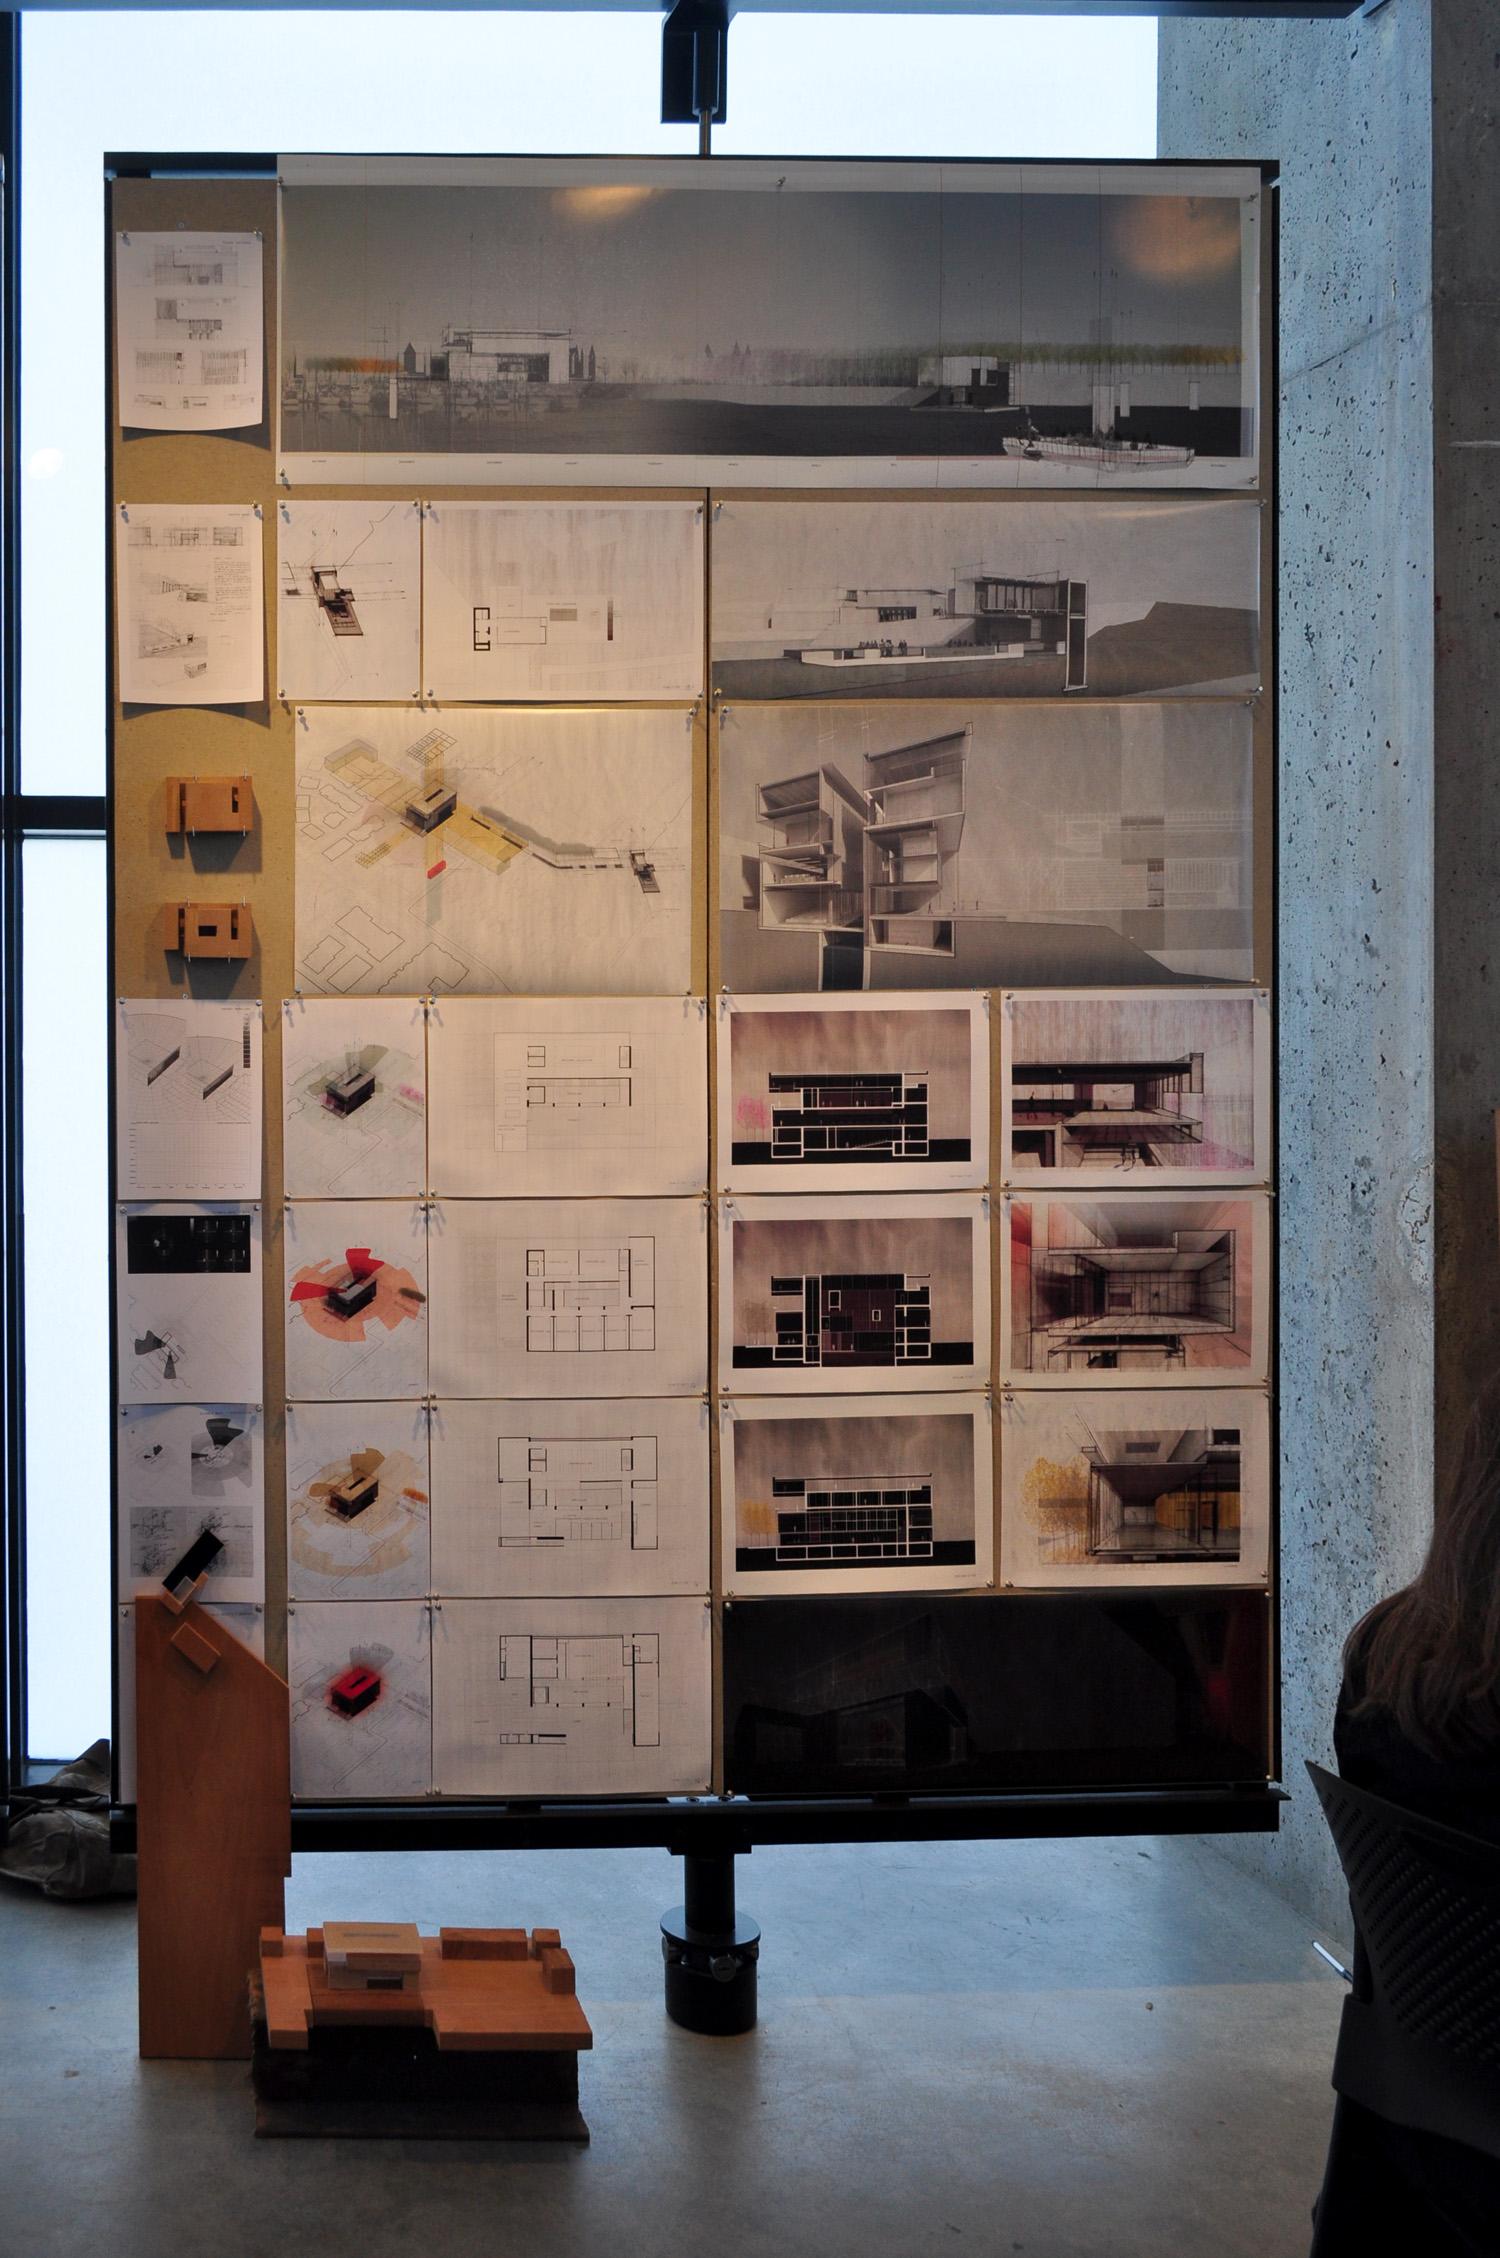 Ericsson David Ericsson Architecture